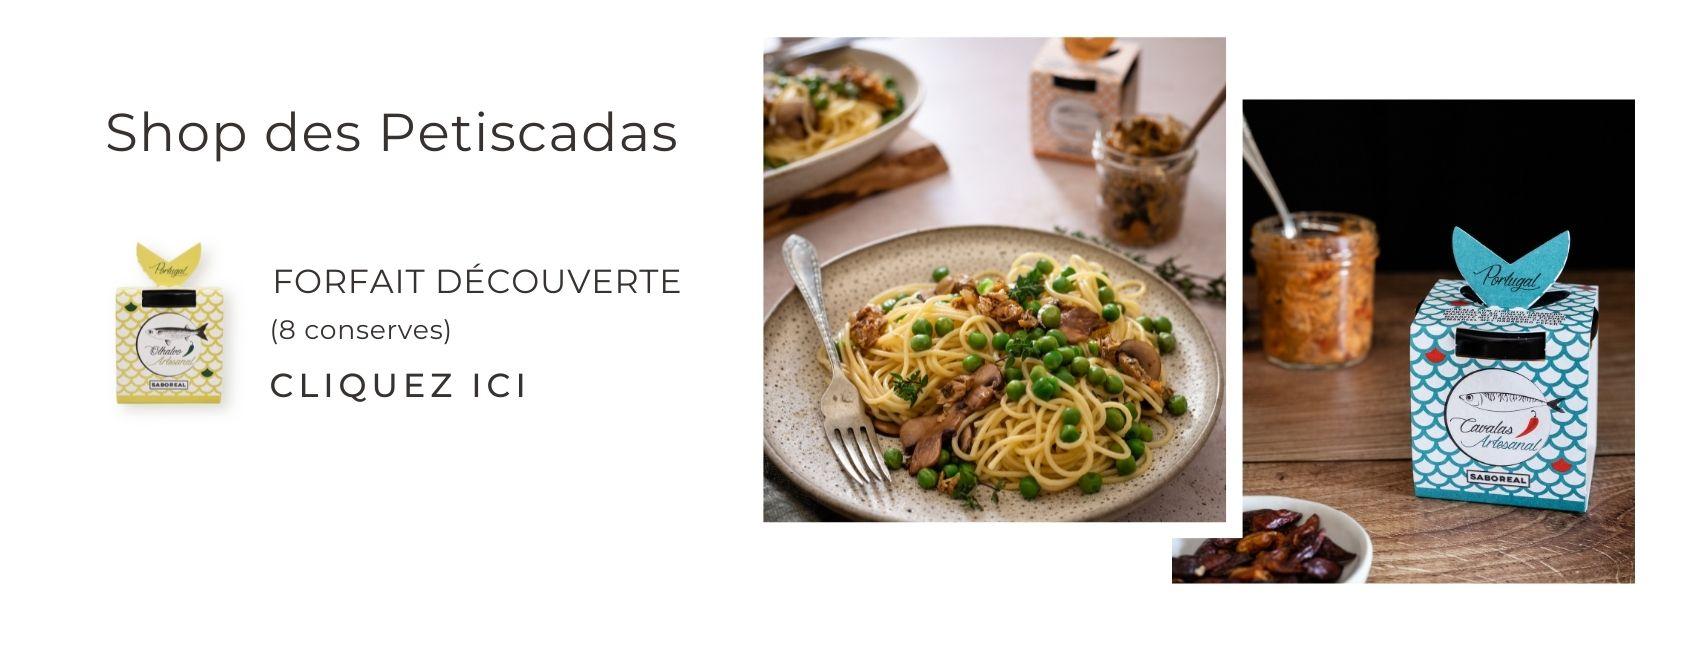 Forfait découverte (8 conserves) - Assortiment en conserve, en bocal en verre, à base de poisson râpé avec légumes et condiments de l'Algarve. Petiscadas.